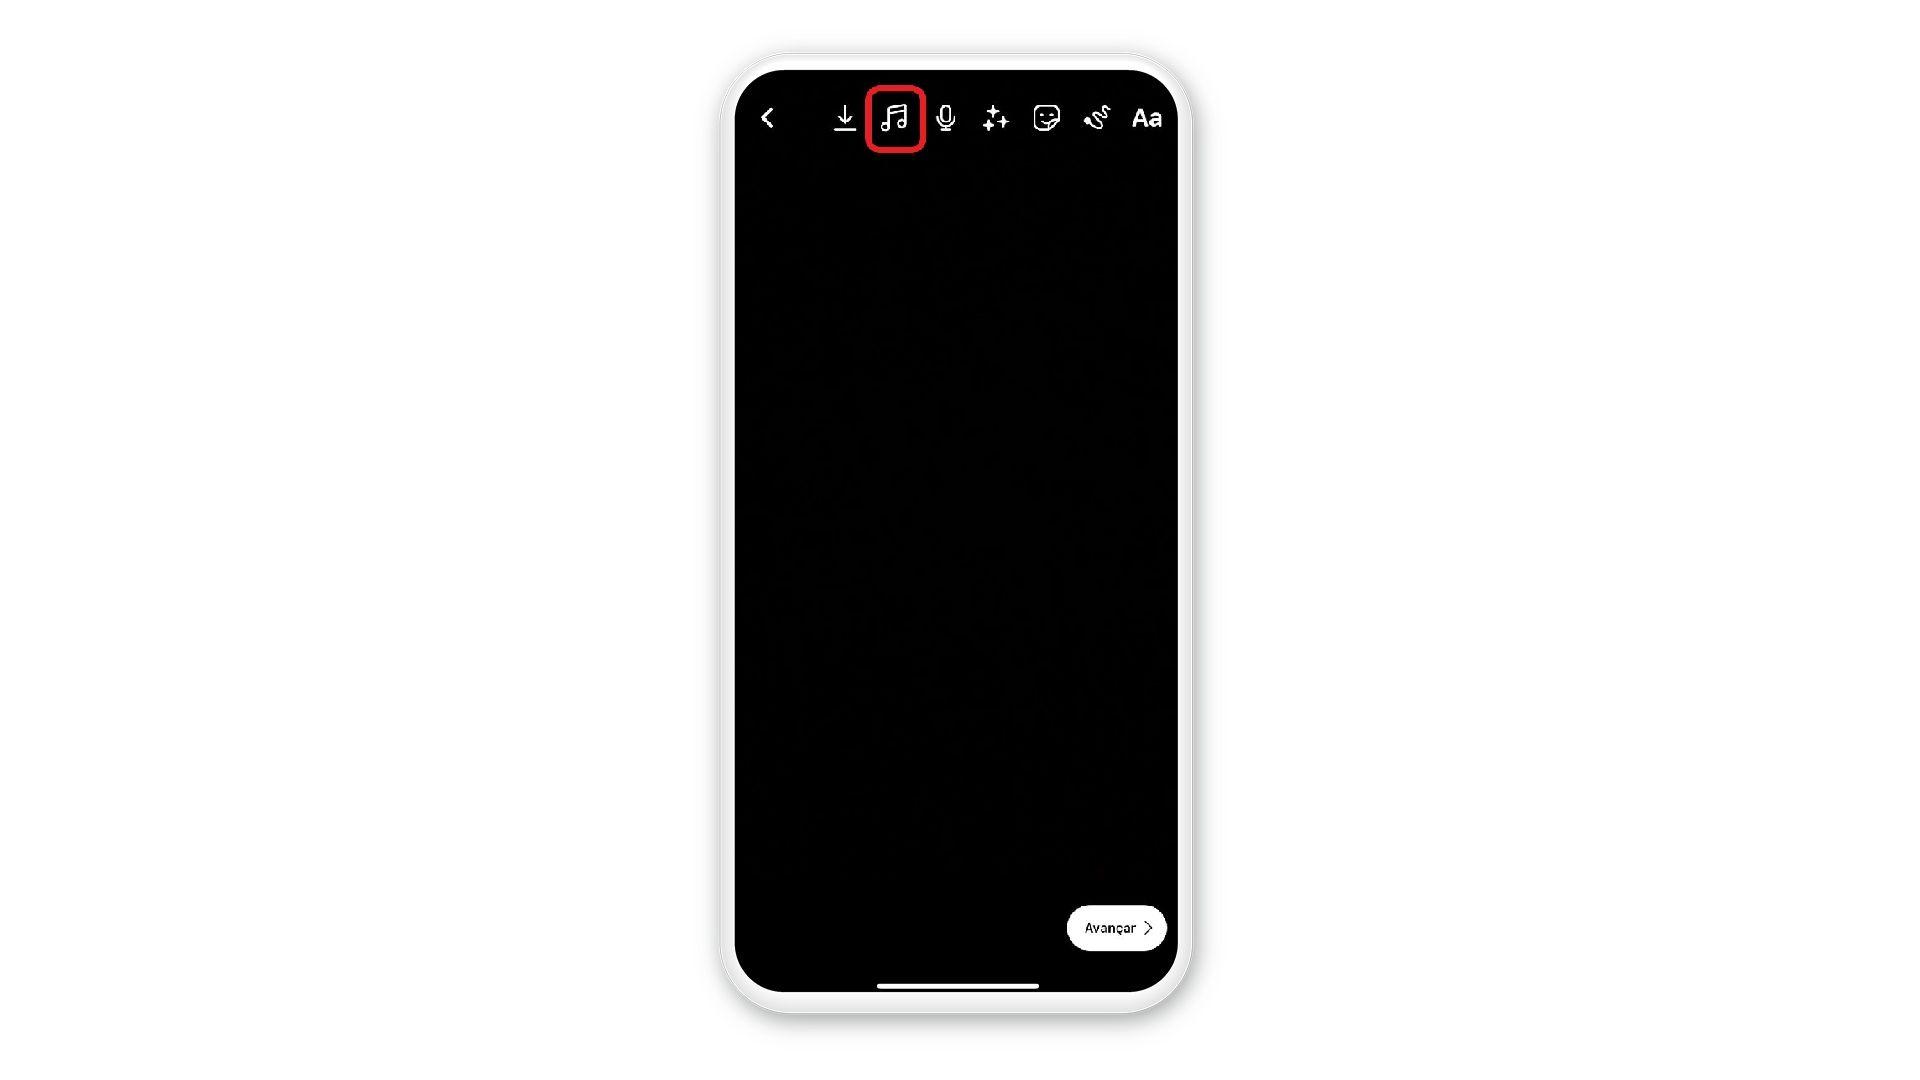 """Print mostra como selecionar opção de """"música"""" em tela de celular em fundo branco"""